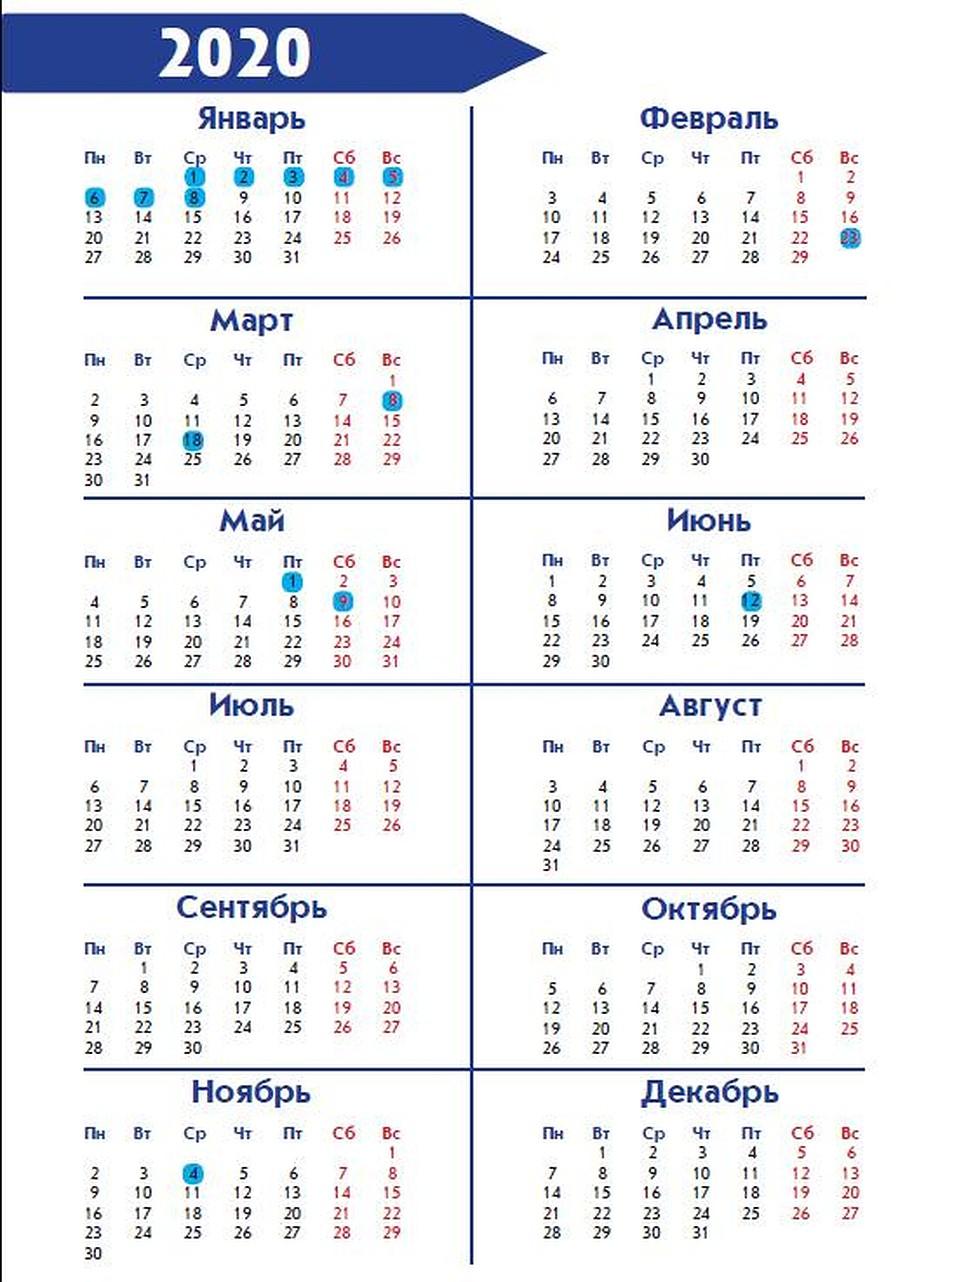 Календарь Выходных 2020: Как Будут Отдыхать Крымчане in Depo Provera Calendar 2020